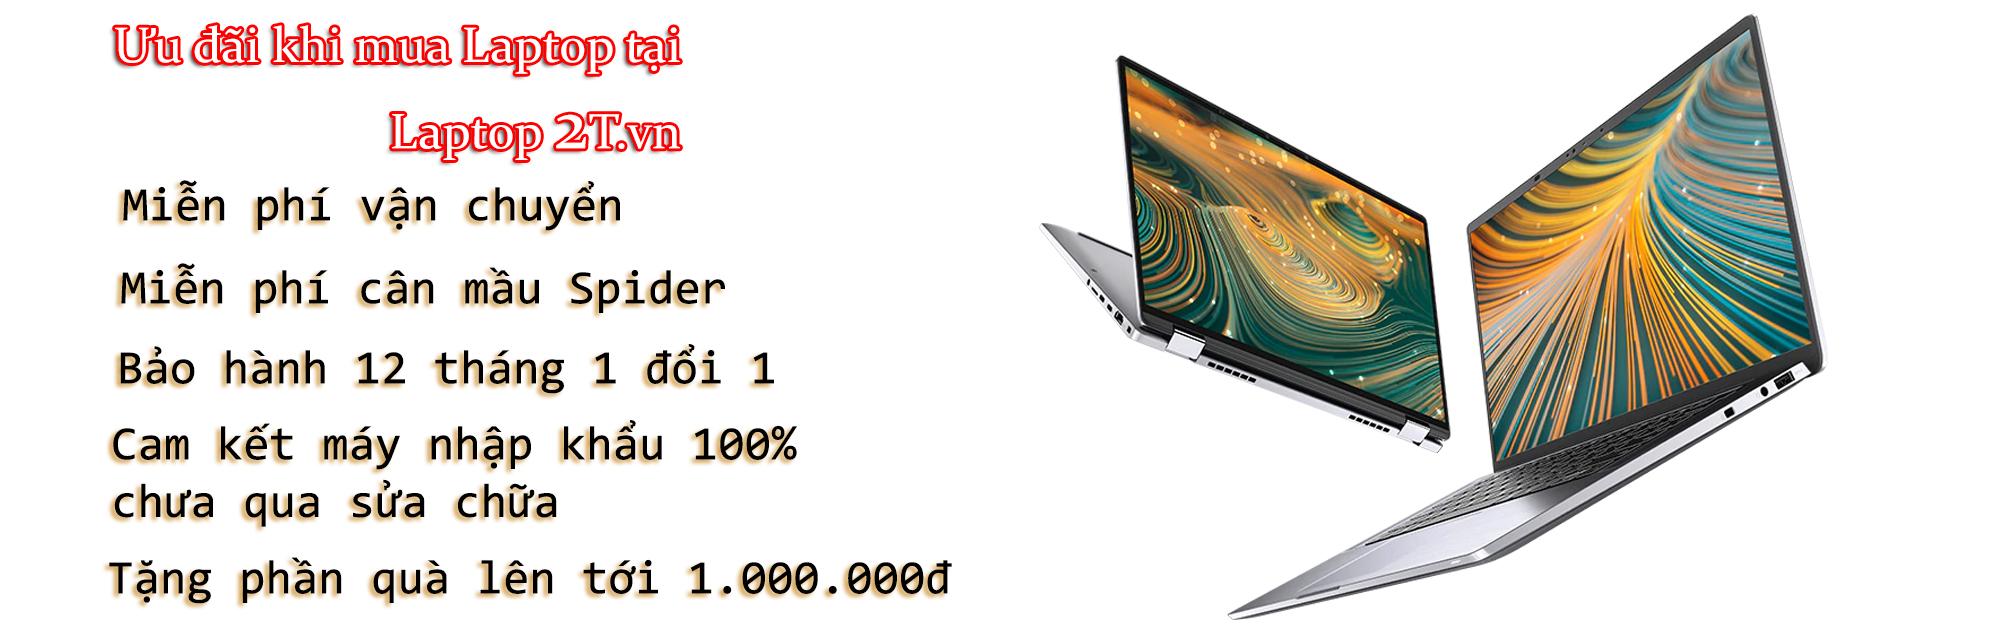 Những ưu đãi giành cho khách hàng mua laptop tại Laptop2T